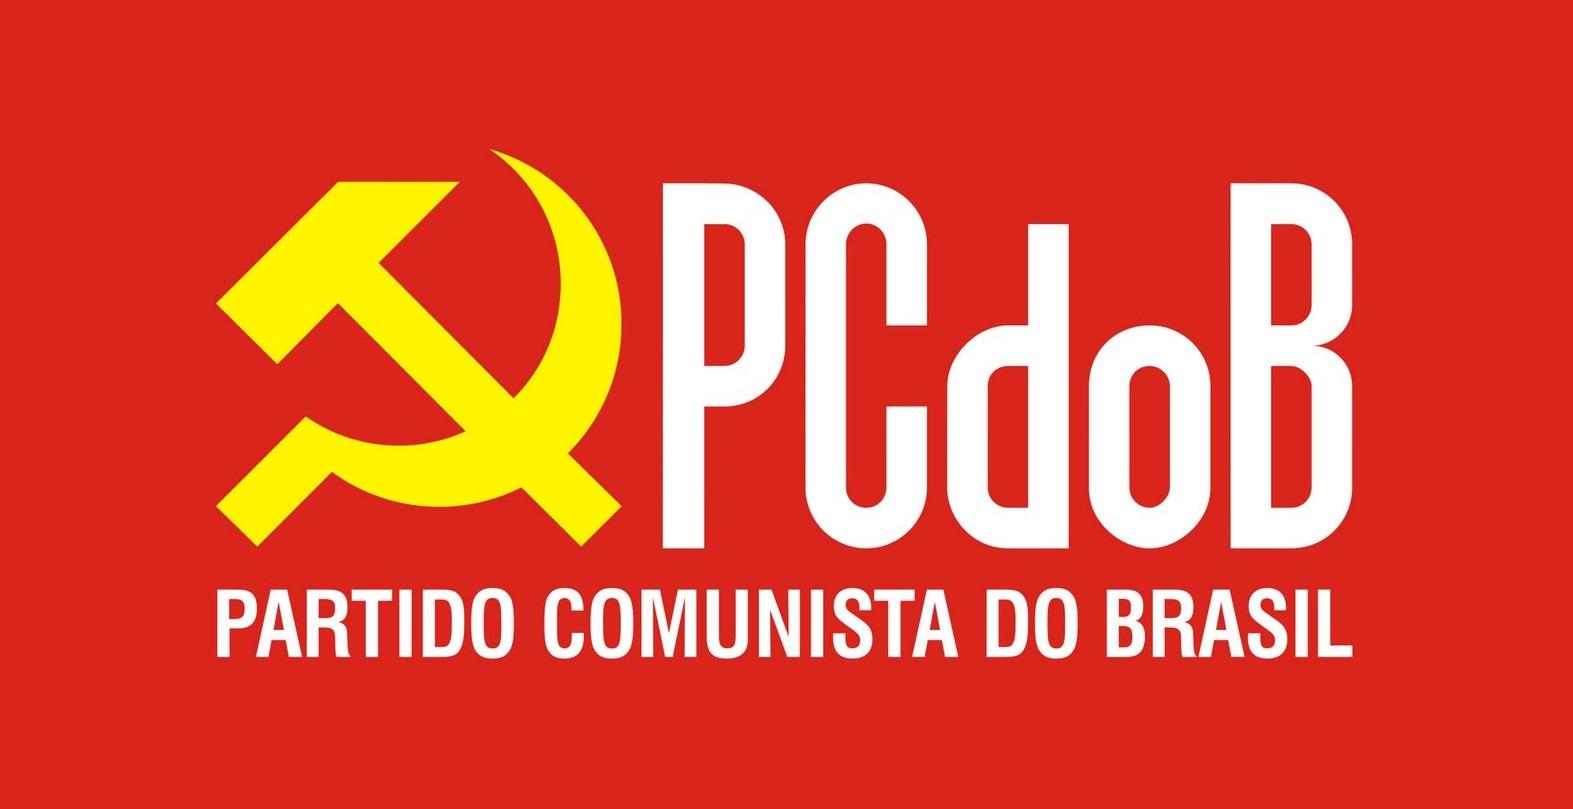 تصویر دموکراسی برزیل در خطرِ دیکتاتوری فاشیستی